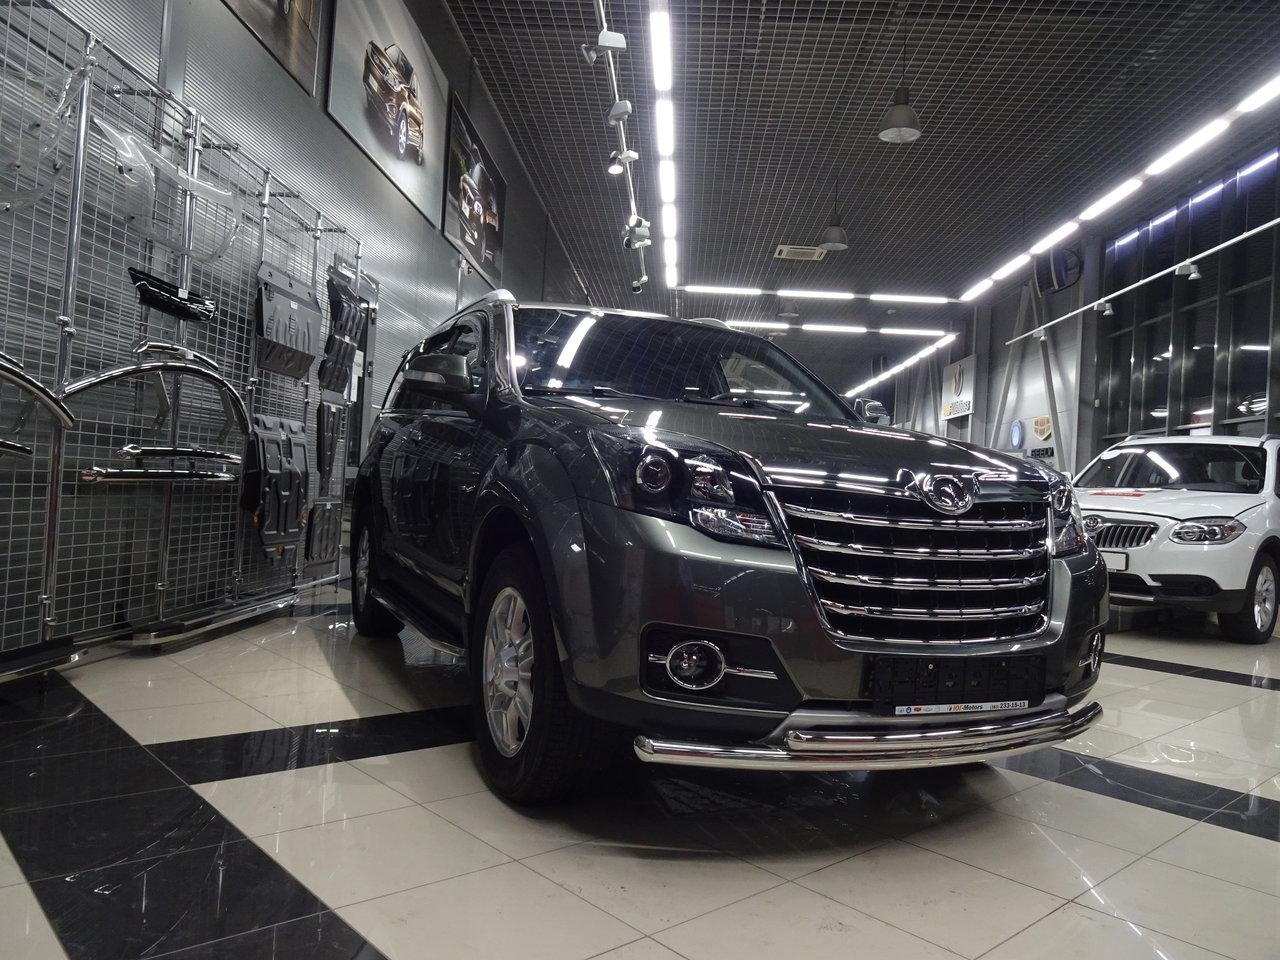 Модельный ряд и цены автомобилей Chery (Чери) - Quto ru